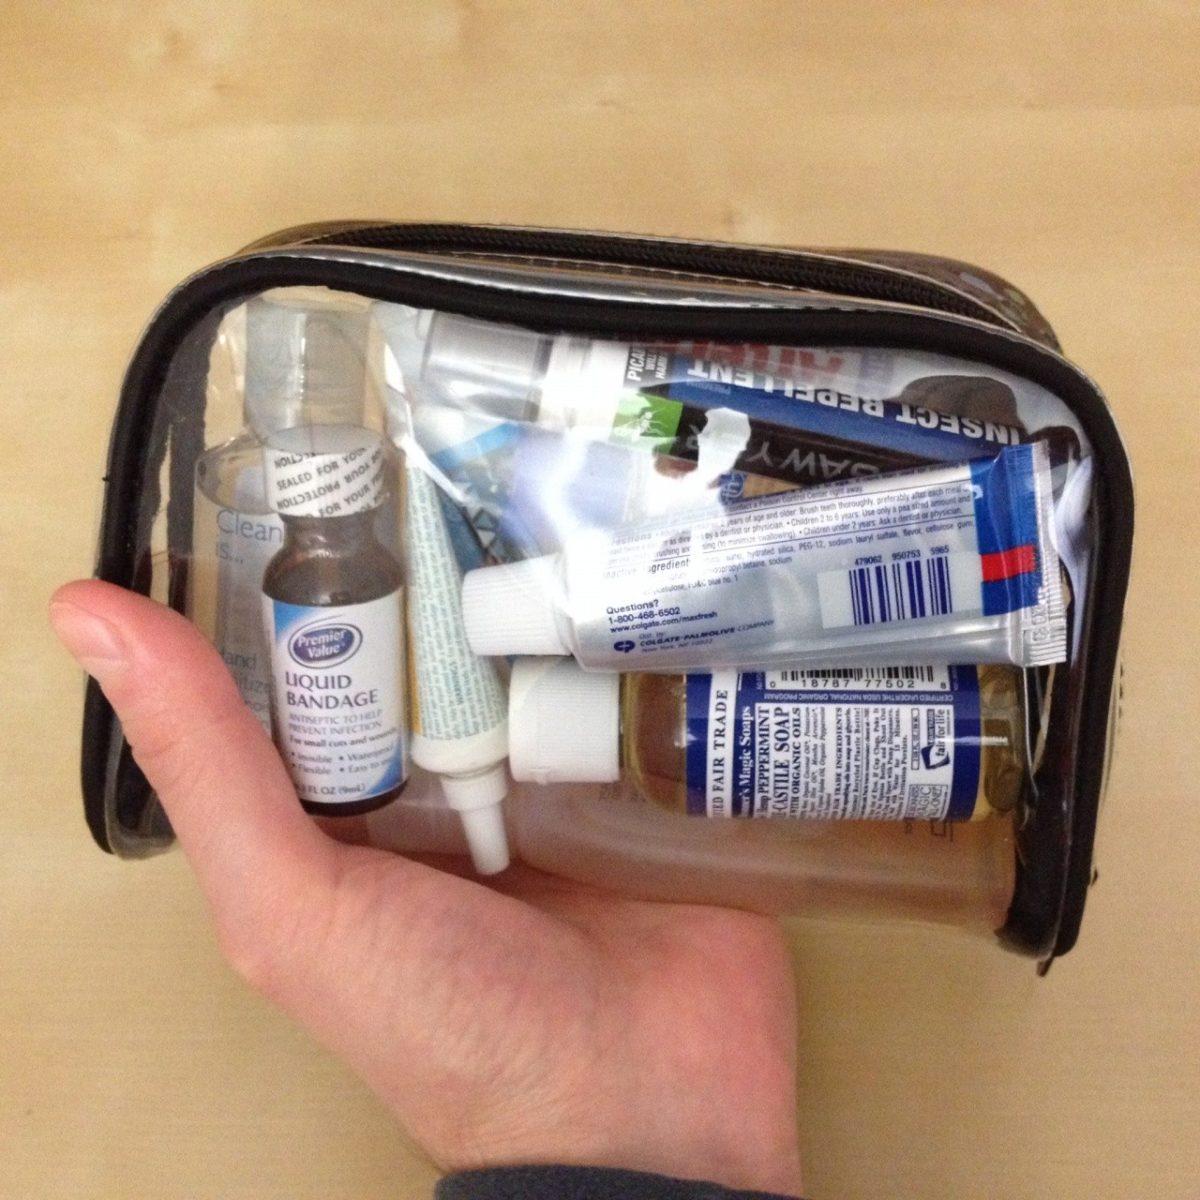 Liquid toiletries in transparent bag